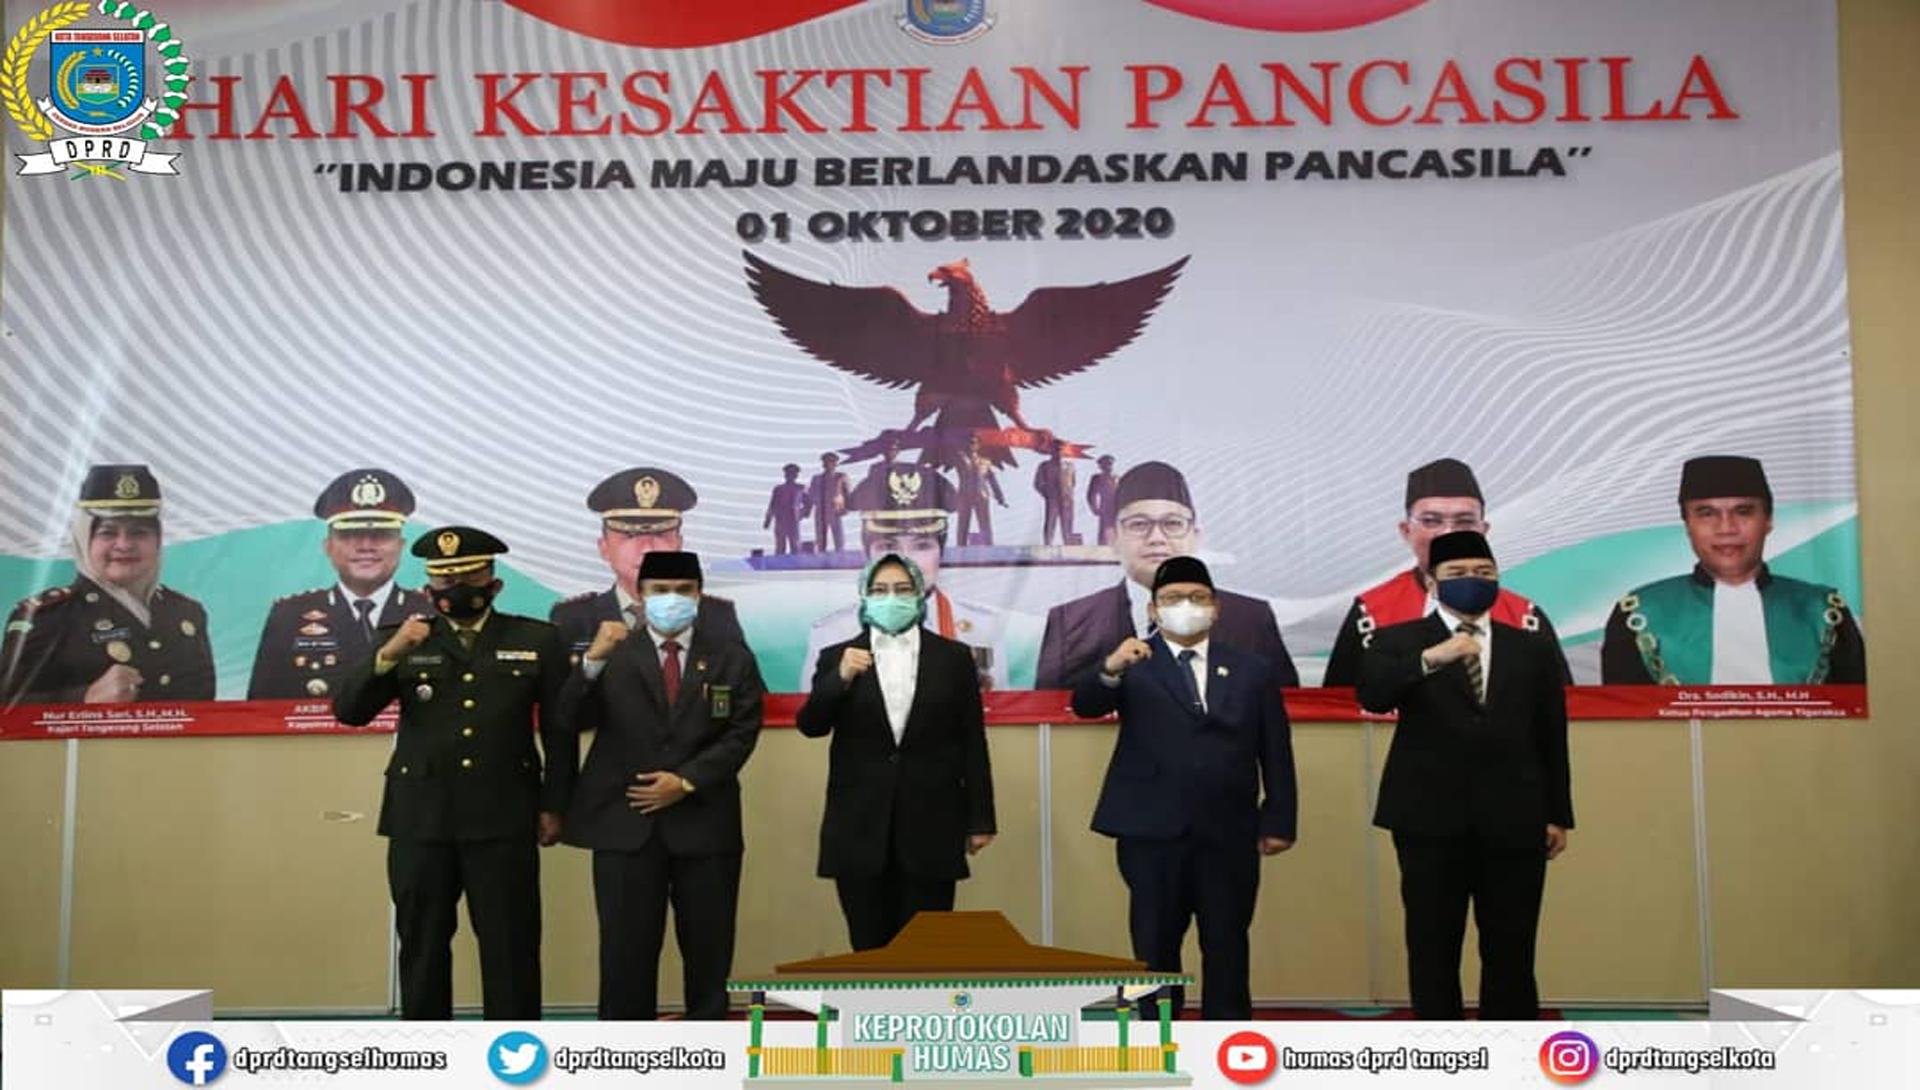 Ketua DPRD Tangsel Menghadiri Upacara Hari Kesaktian Pancasila